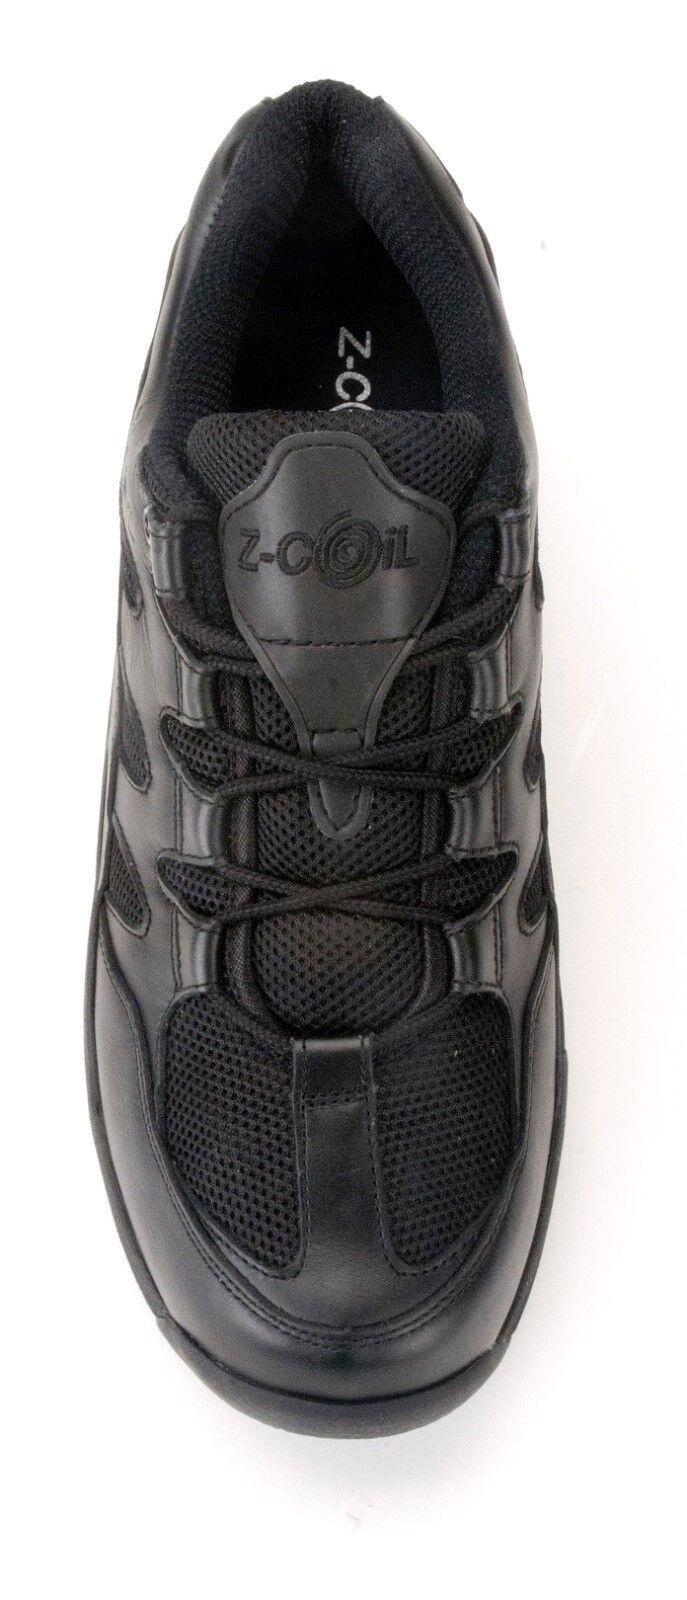 z-coil liberté s / r fw-02020 chaussures hommes noirs noirs noirs nous marche / course 14 5772ef